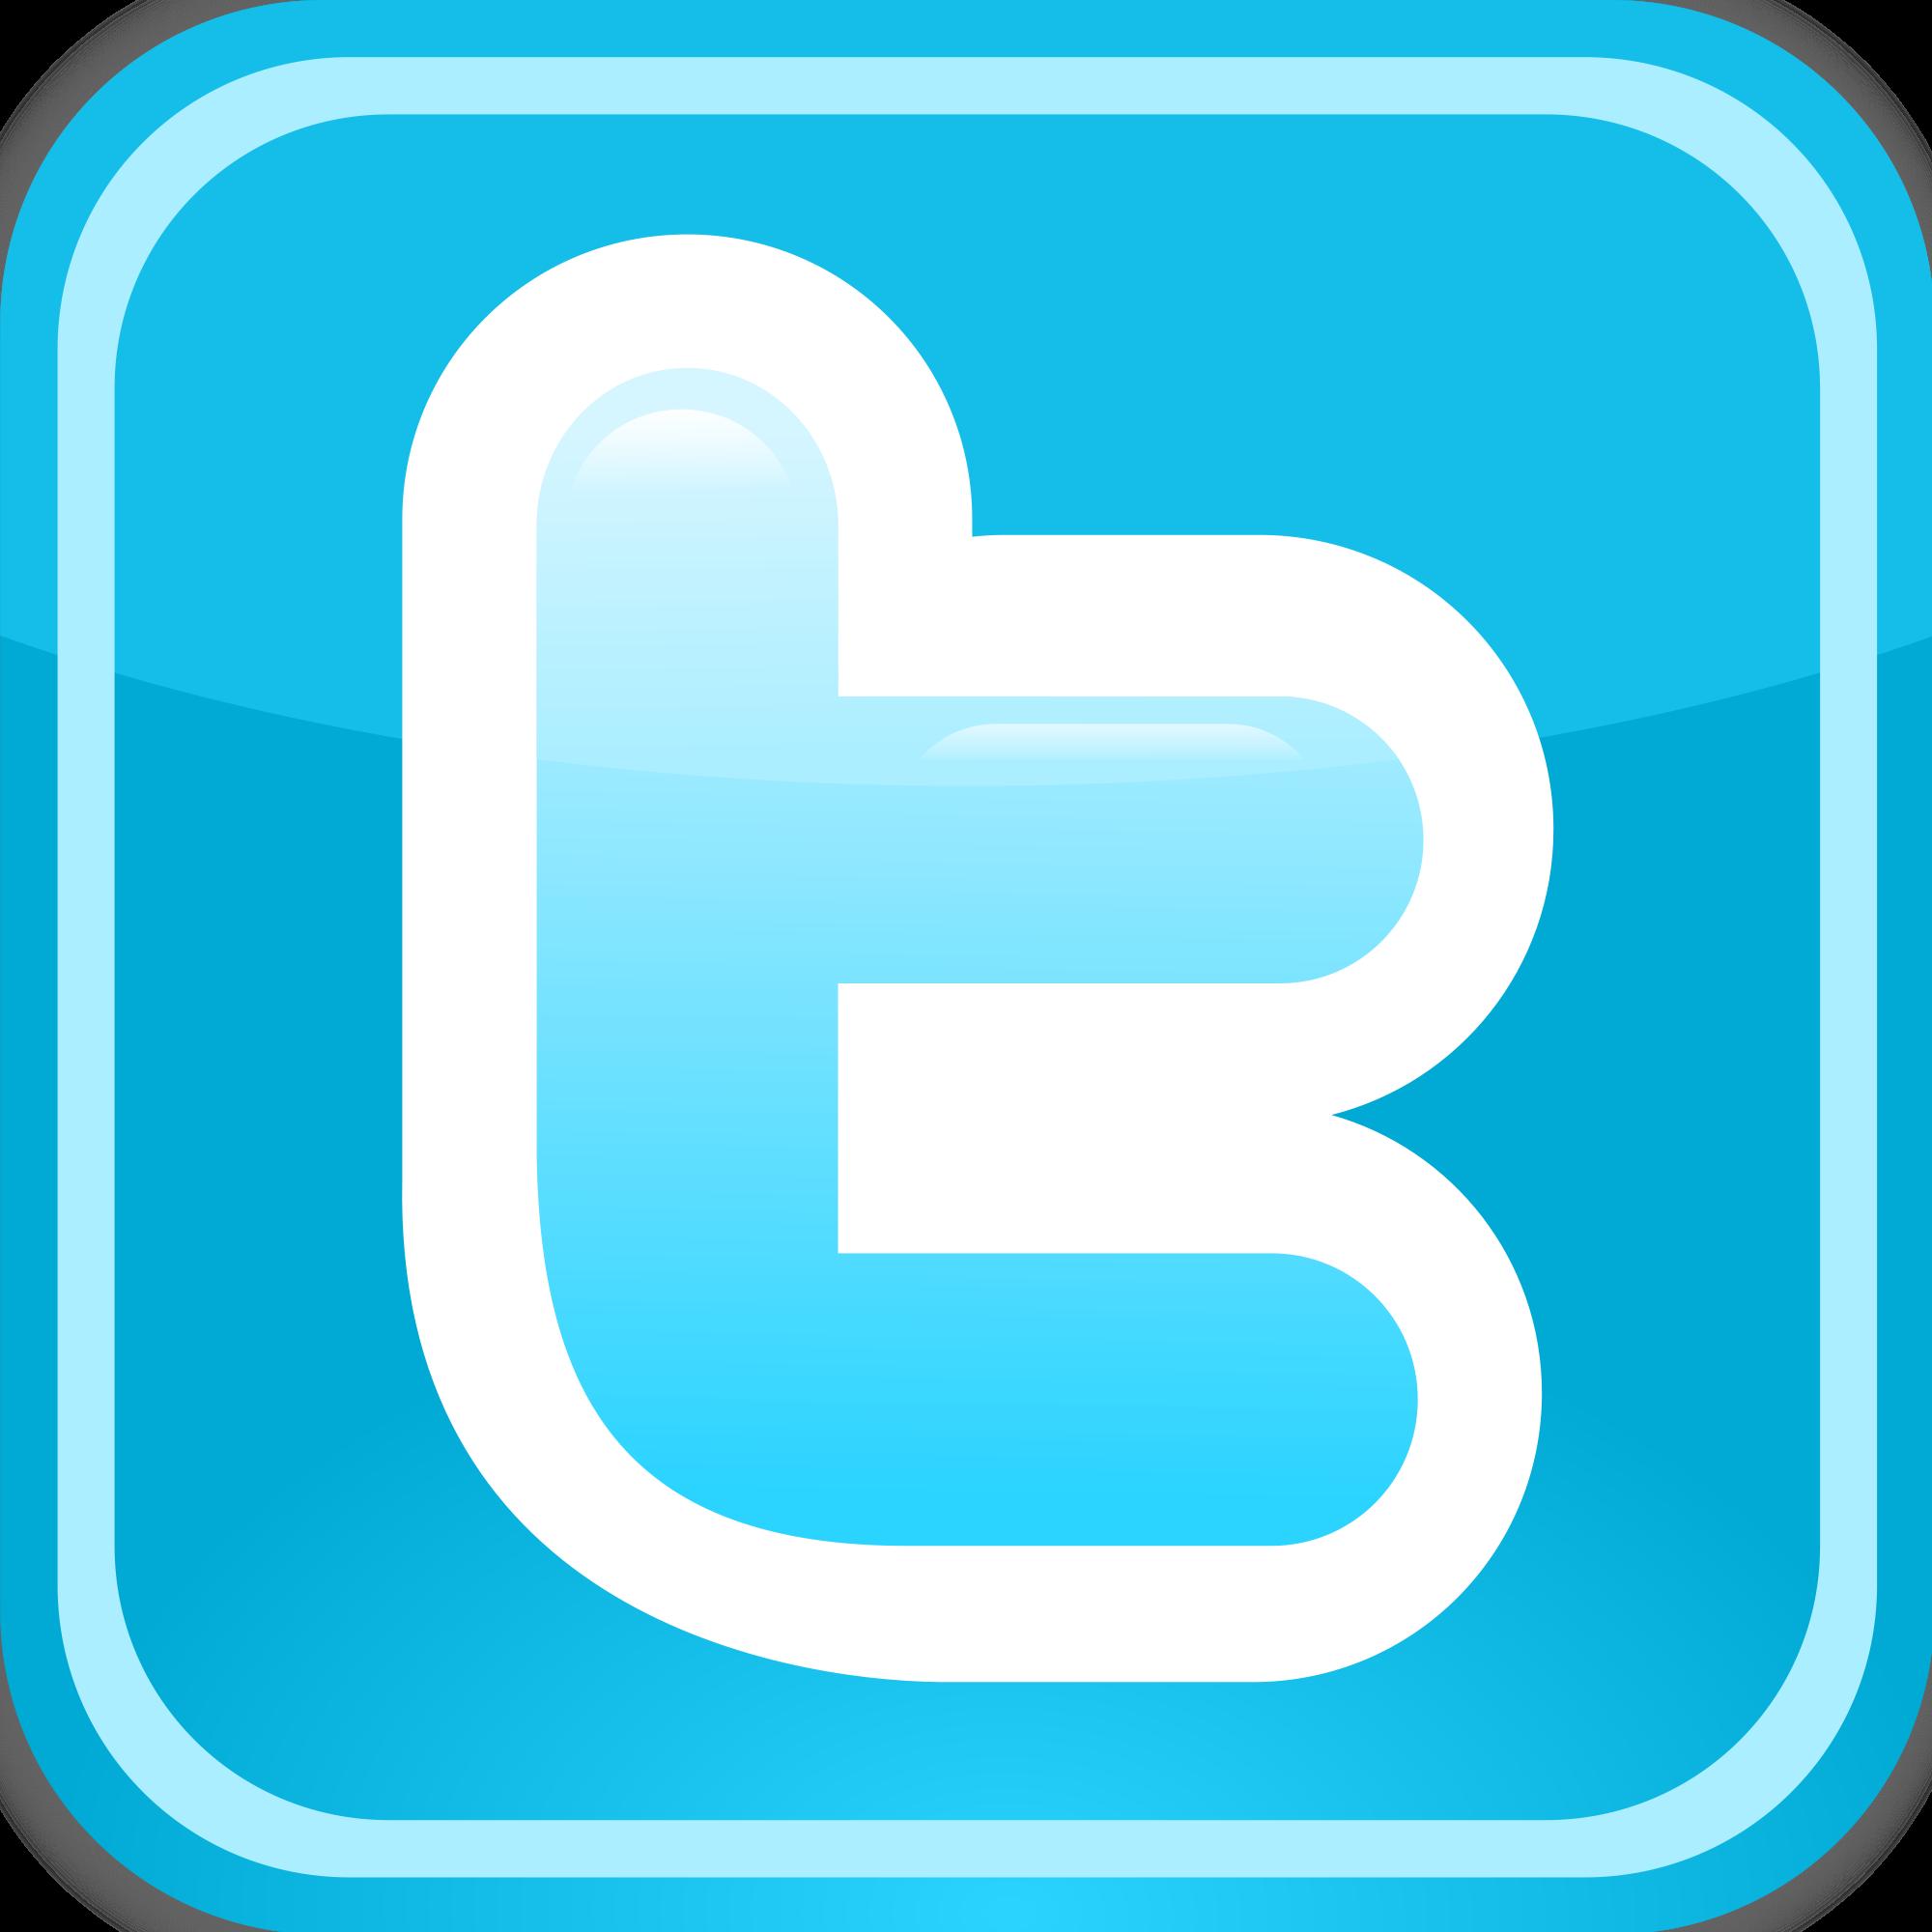 logo twitter hd